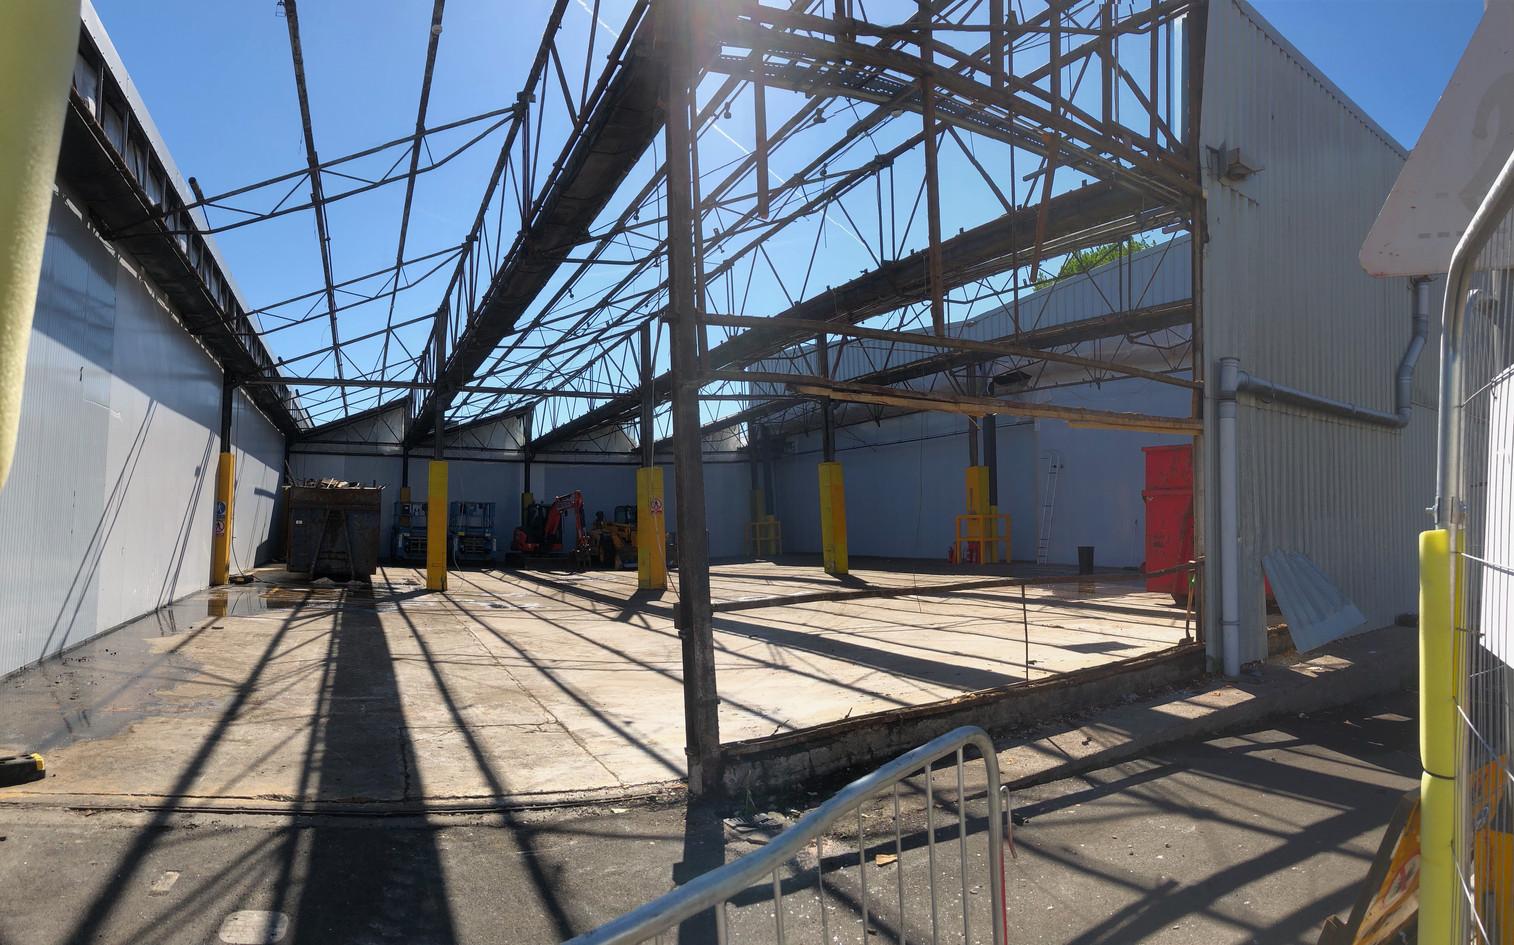 Asbestos removal & demolition